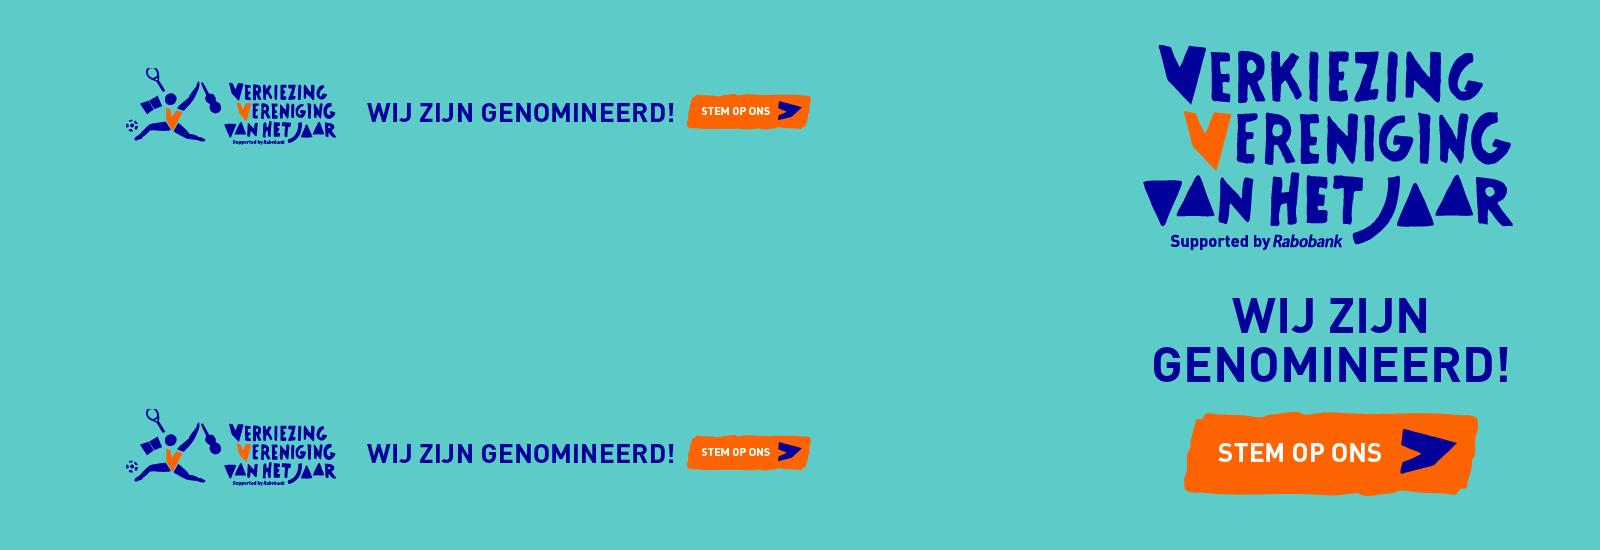 We zijn genomineerd! Hoera!